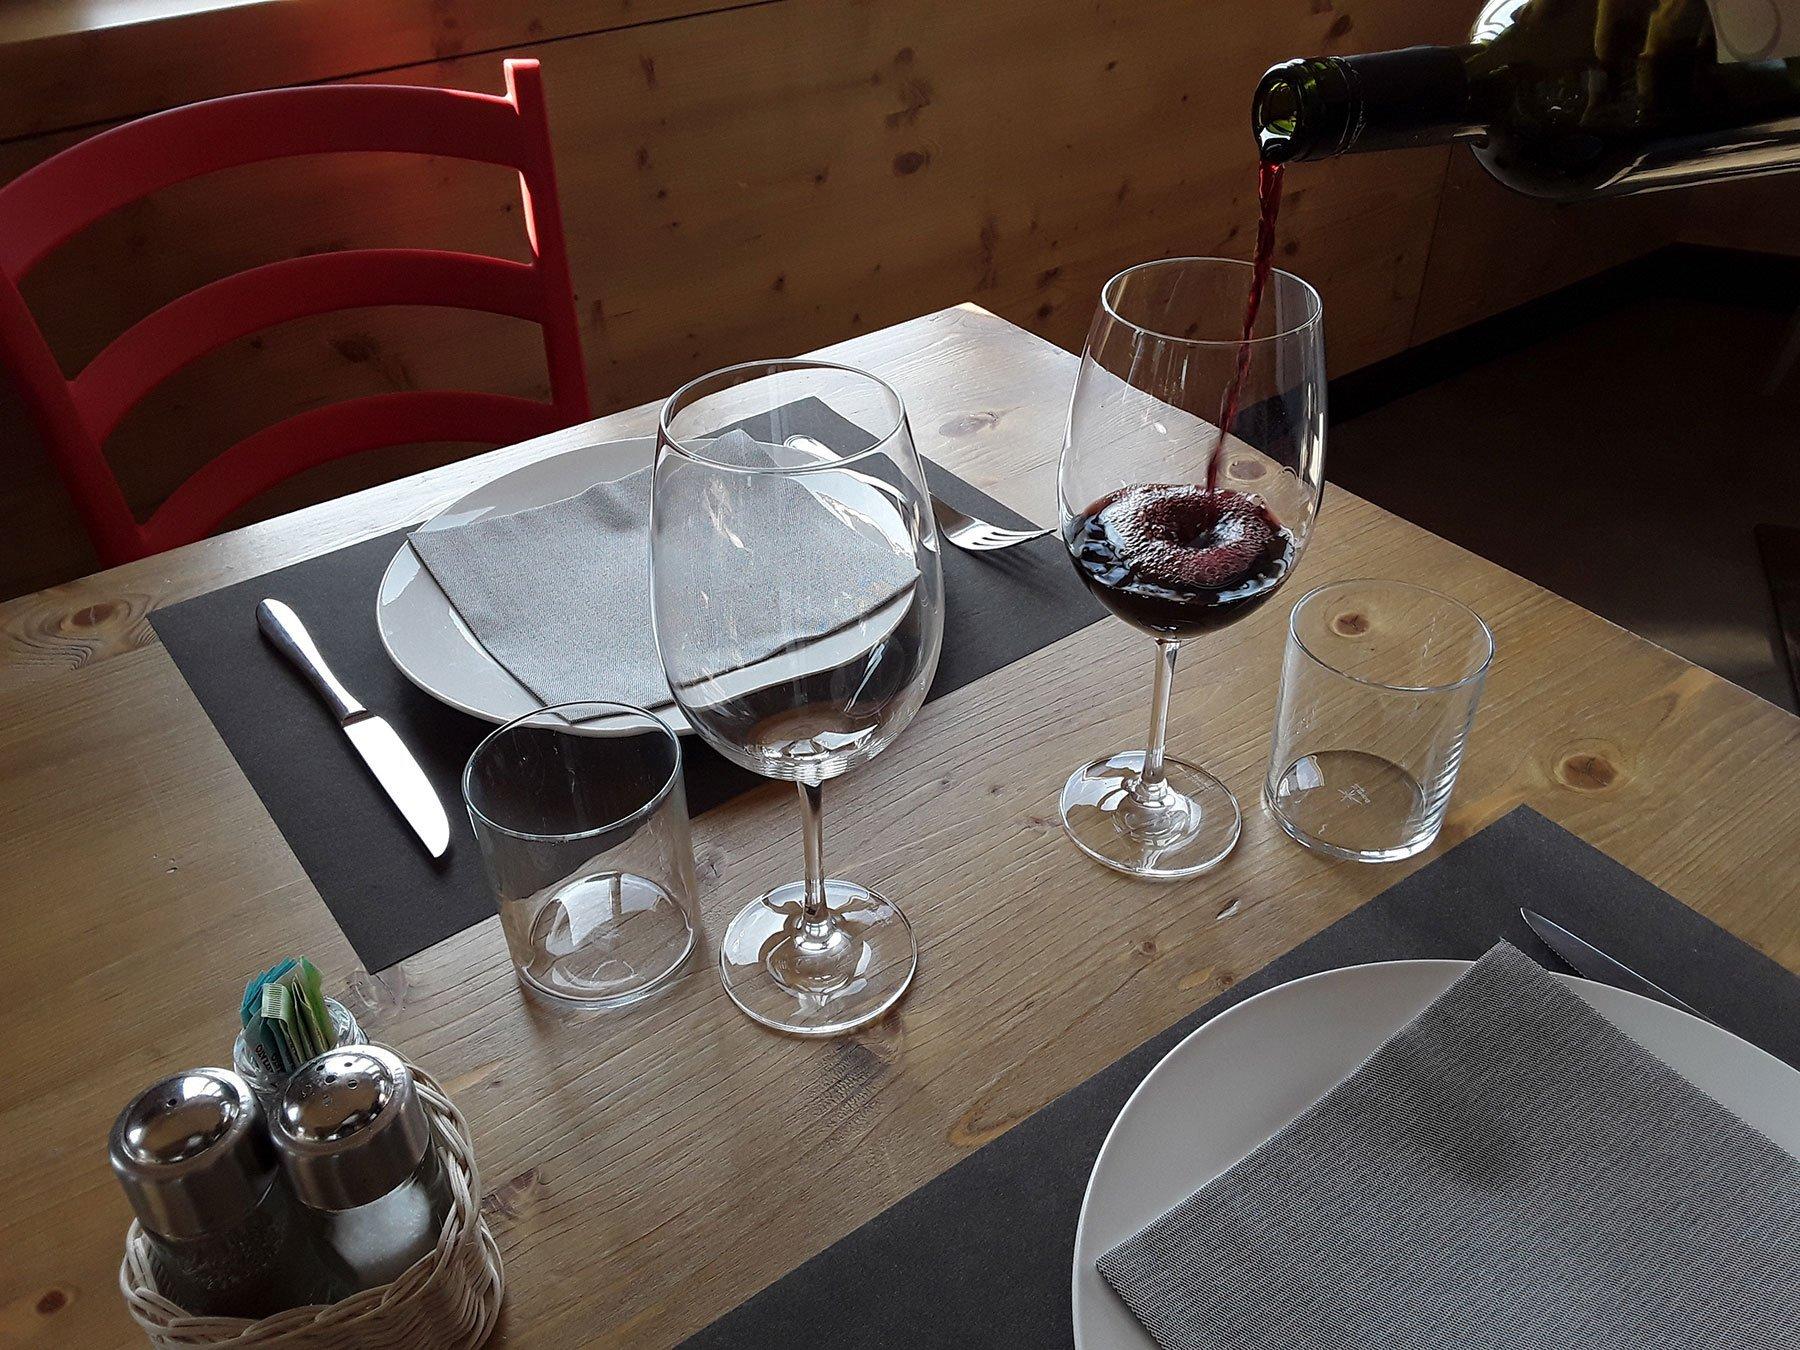 Riempiendo la coppa di vino